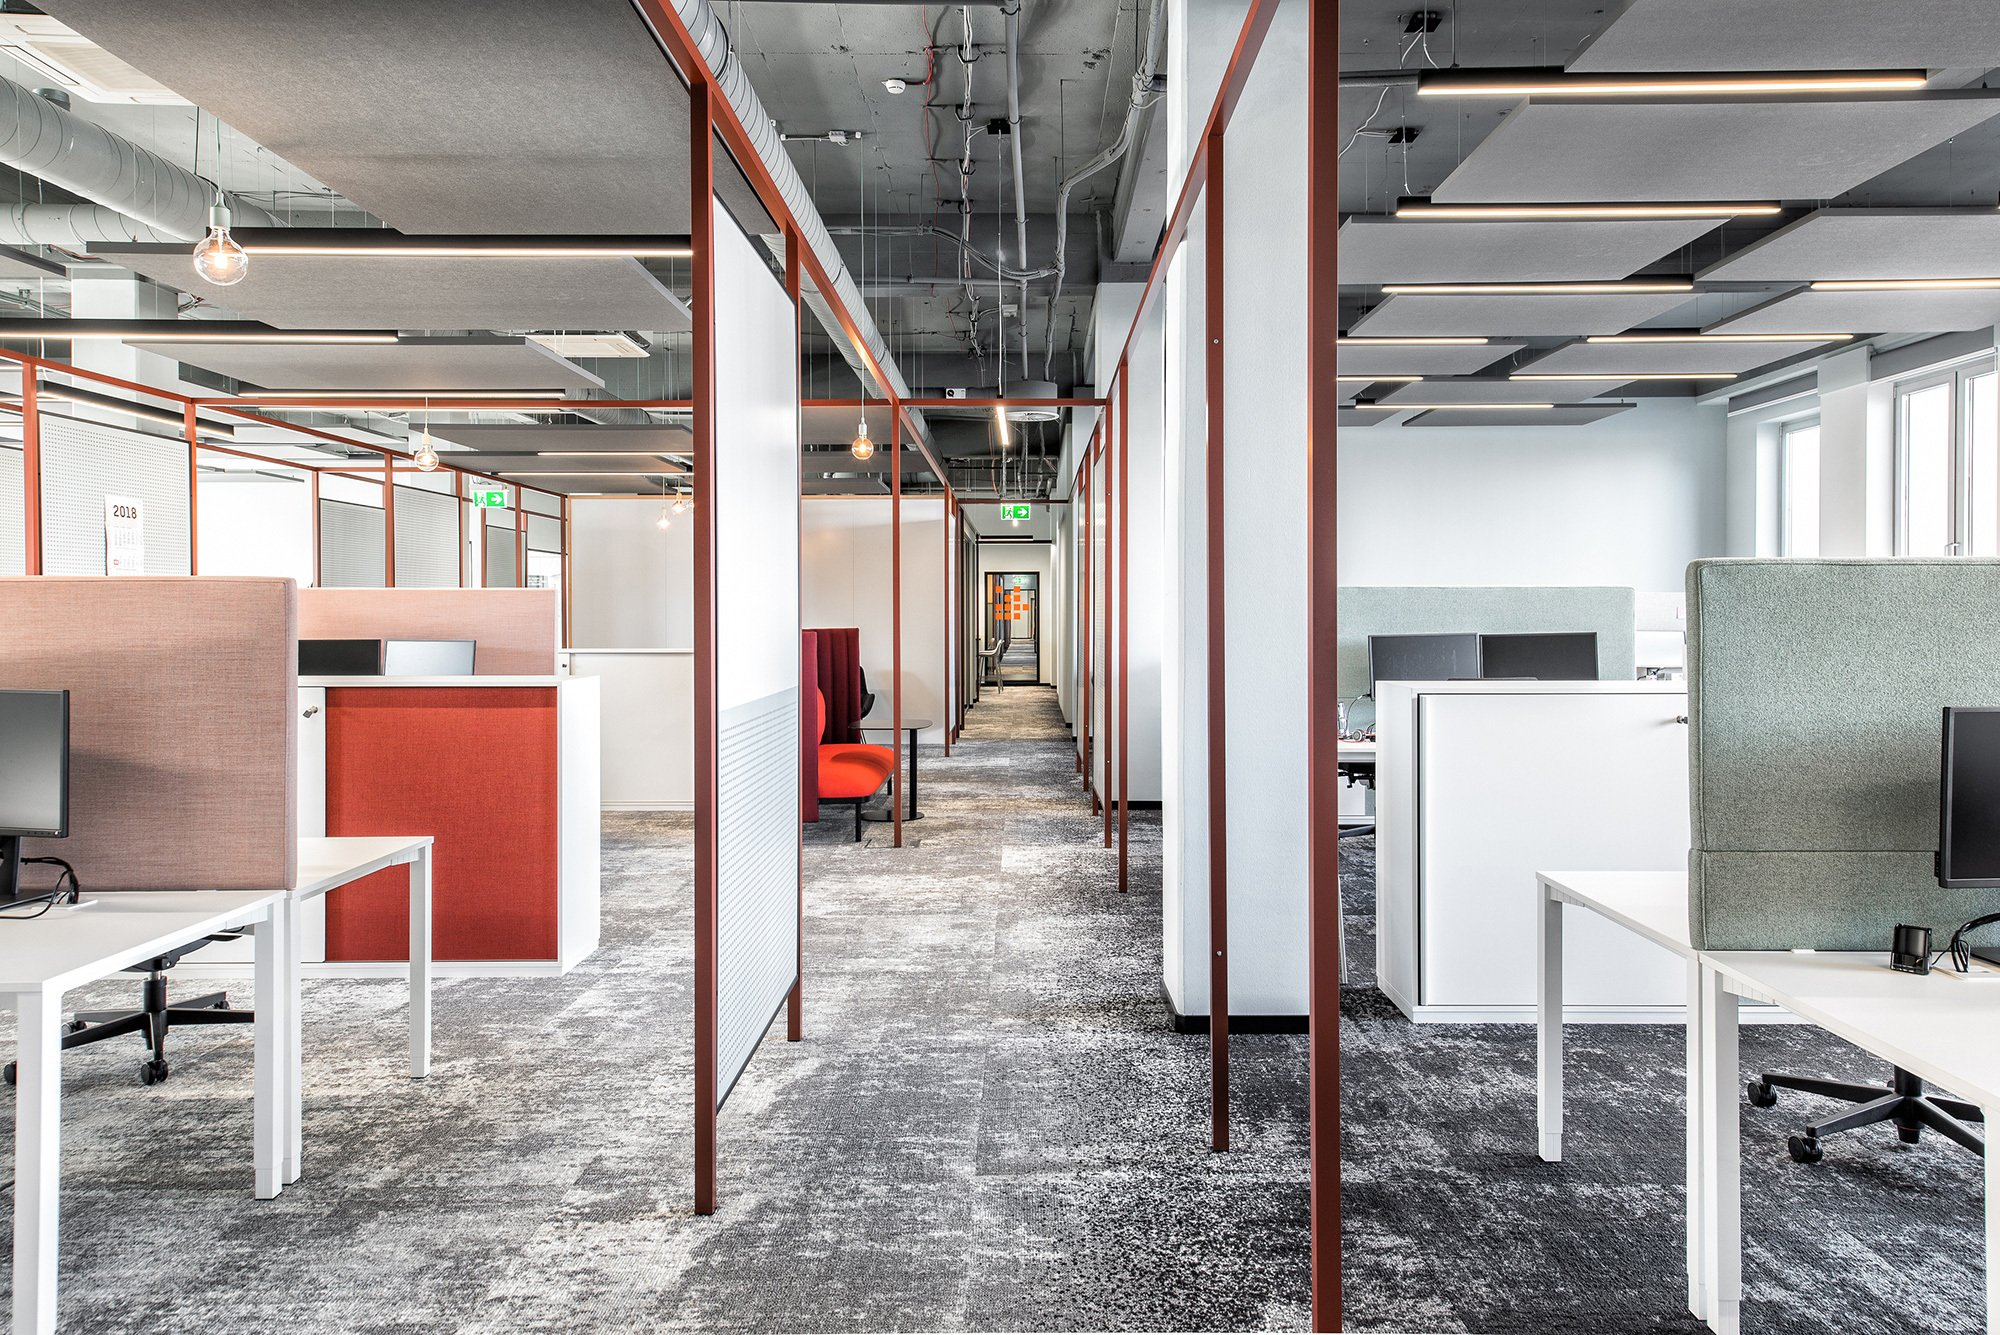 Für eine flexible Raumstruktur sorgt in der offenen Bürofläche des Headquarters der Firma Onlineprinters ein raumbildender Rahmen, der zu gleich strukturierend wie verbindend wirkt. Foto: Susanne Öllbrunner